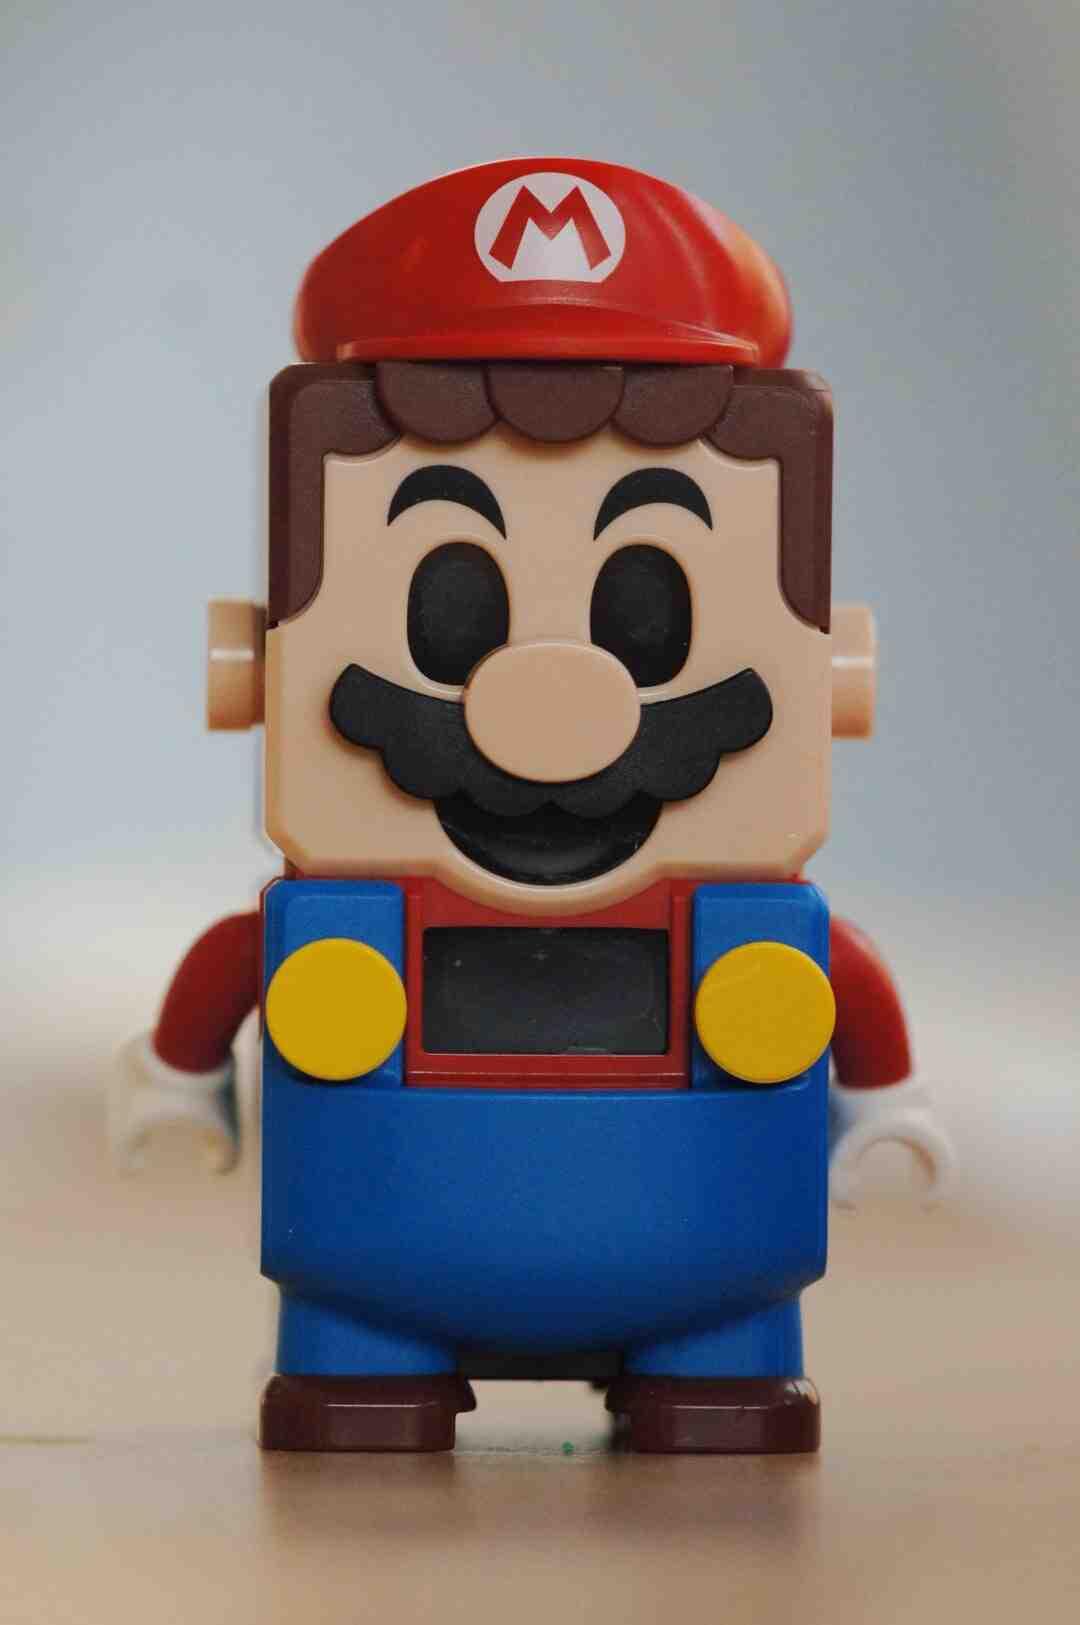 Comment obtenir une étoile dans Mario Kart Wii ?